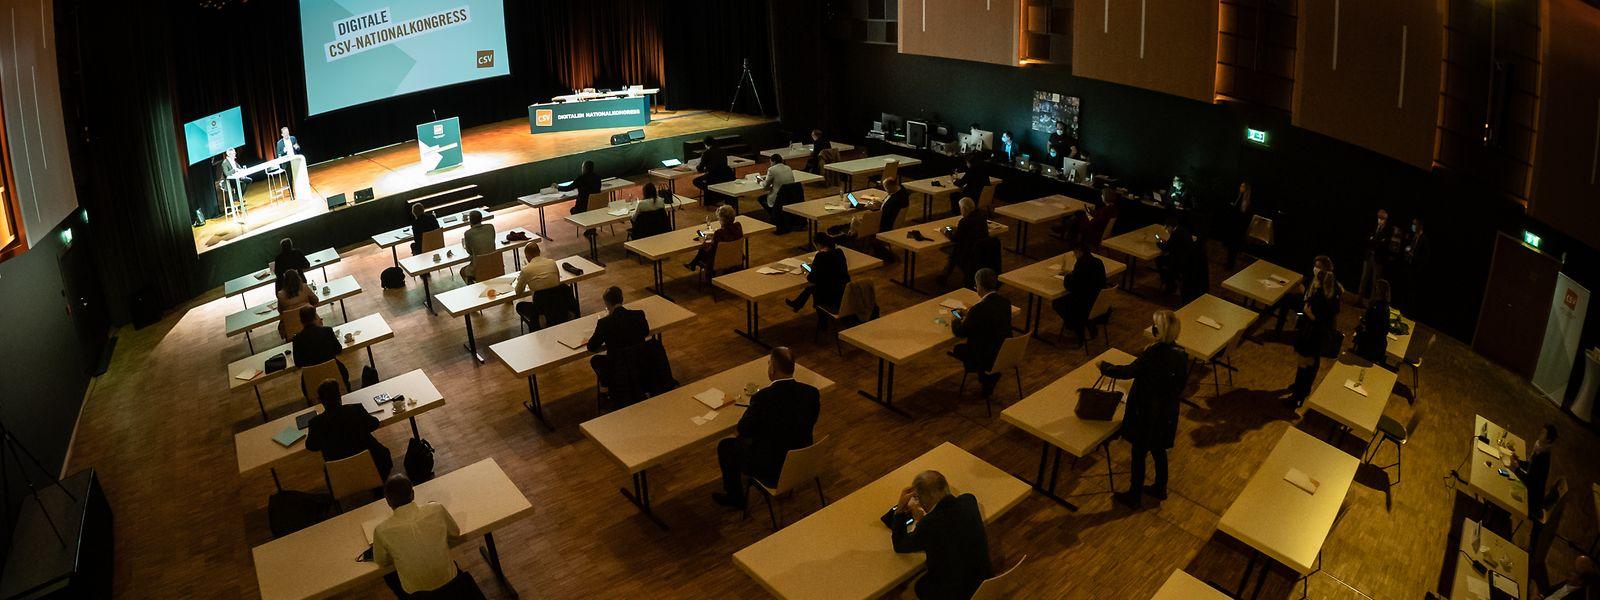 Si une cinquantaine de délégués du parti a assisté au congrès en salle, d'autres ont pu suivre la réunion à distance.